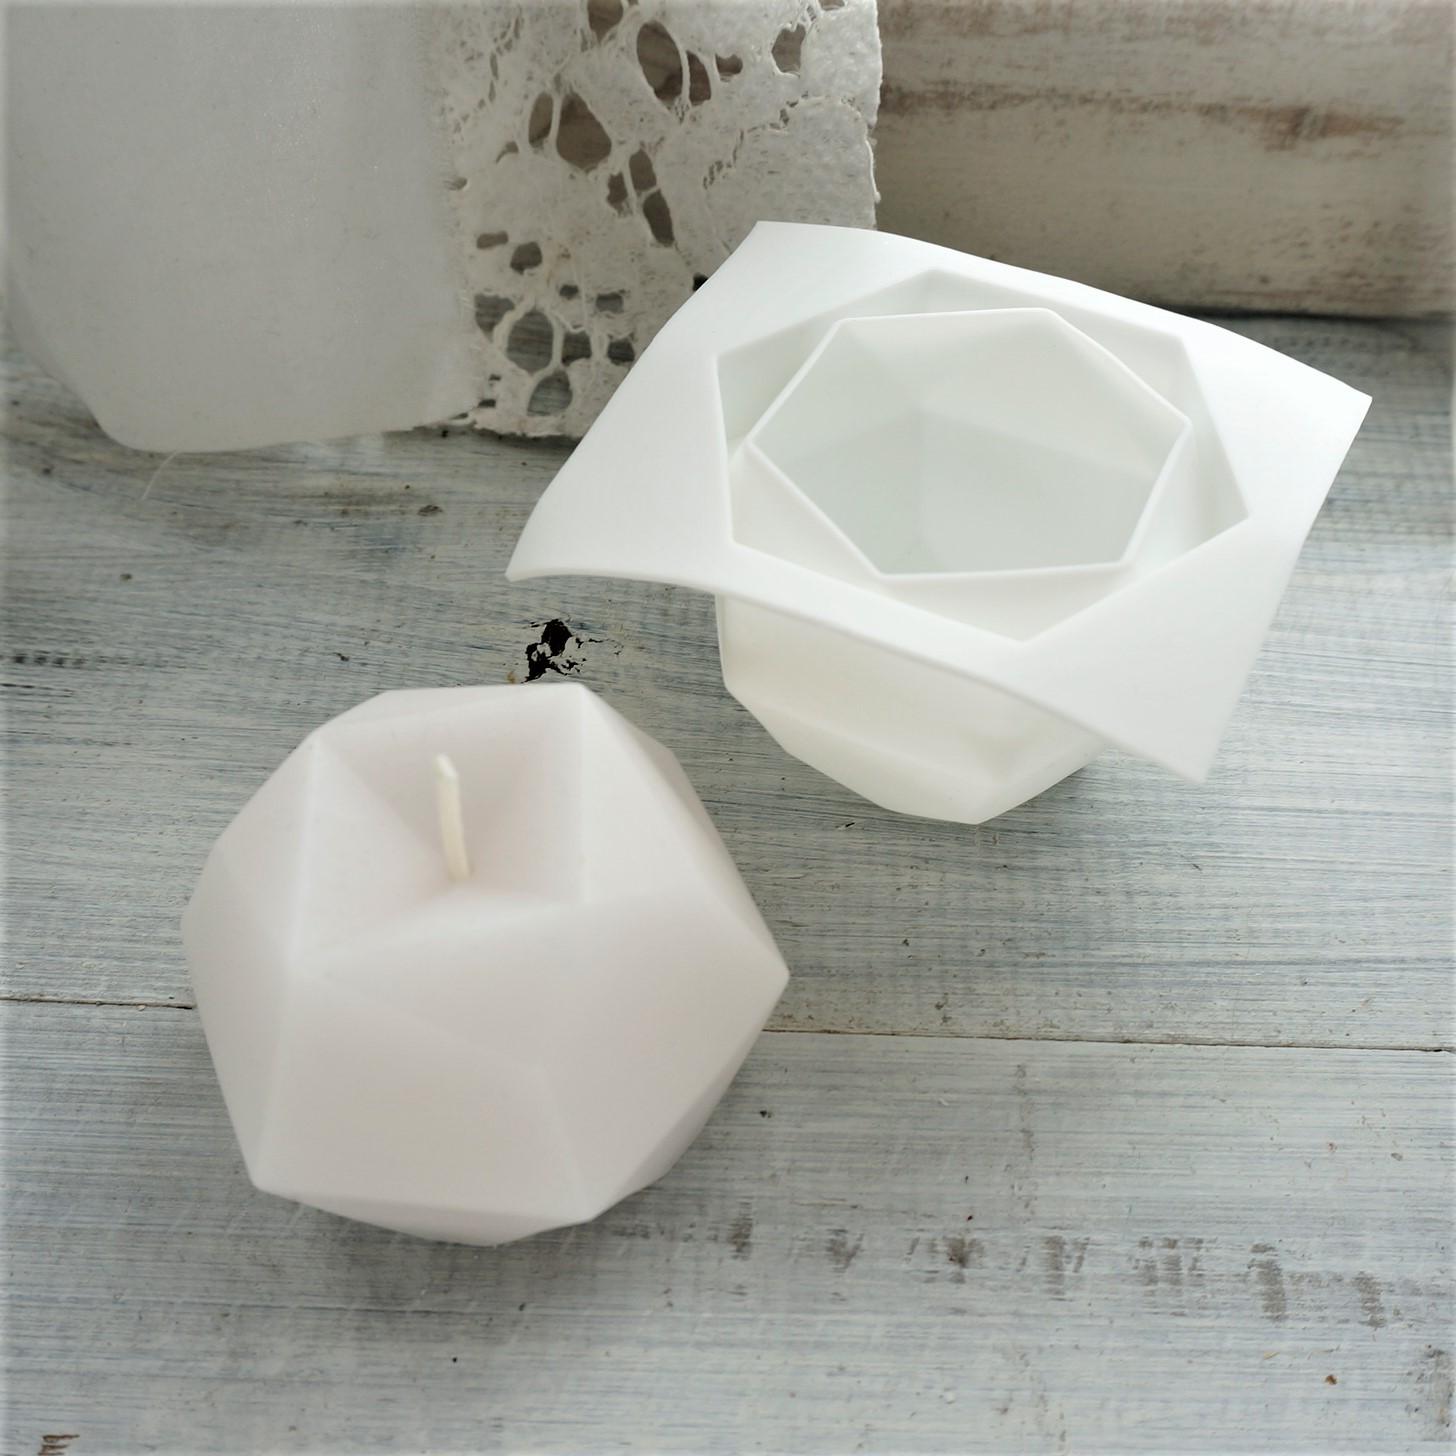 シリコンモールド ポリー型 韓国キャンドル